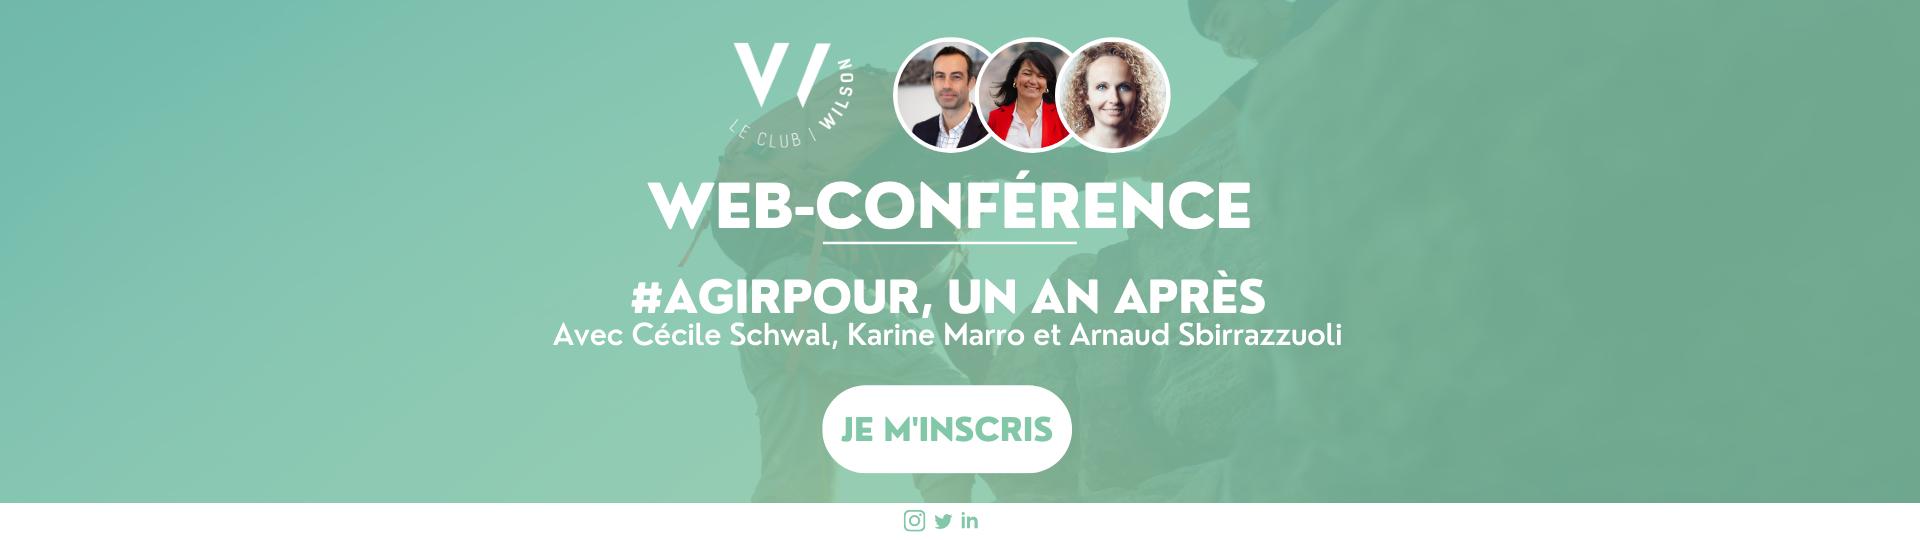 Bannière Conférence (4)